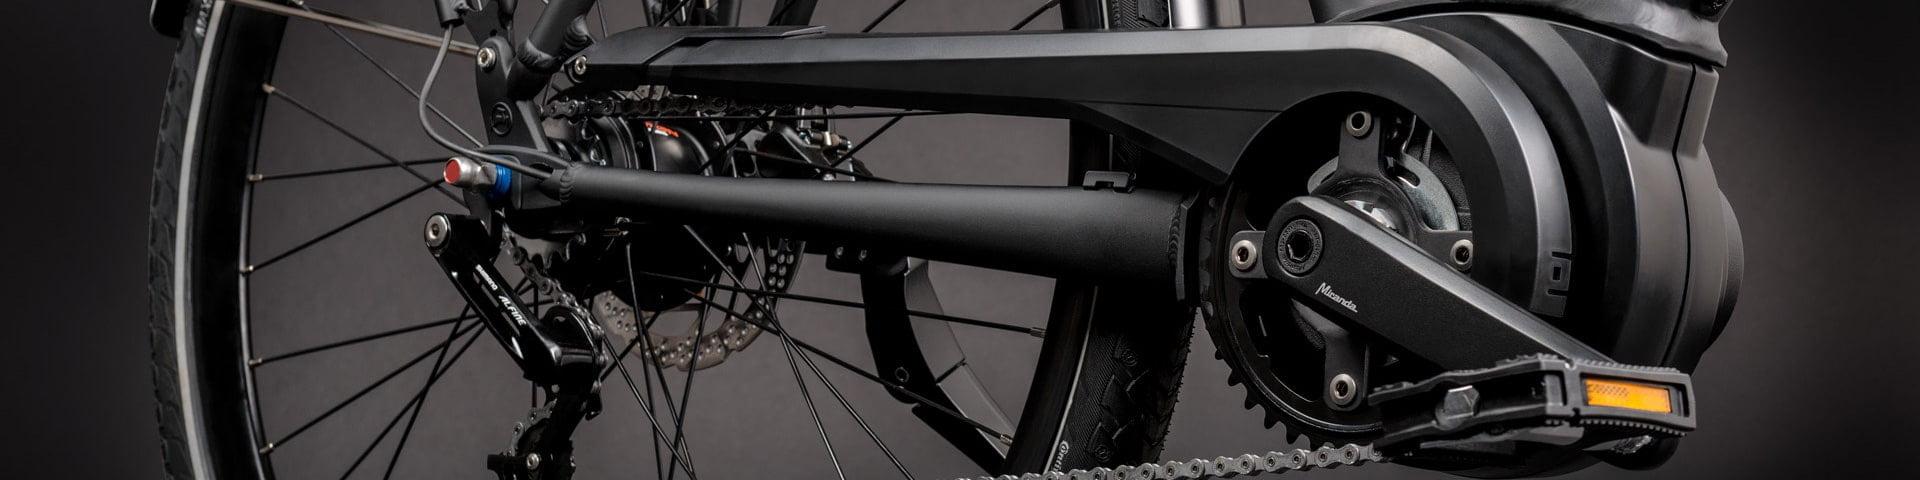 Hesling bike parts kettingscherm fiets fietsonderdeel fietsaccessoire